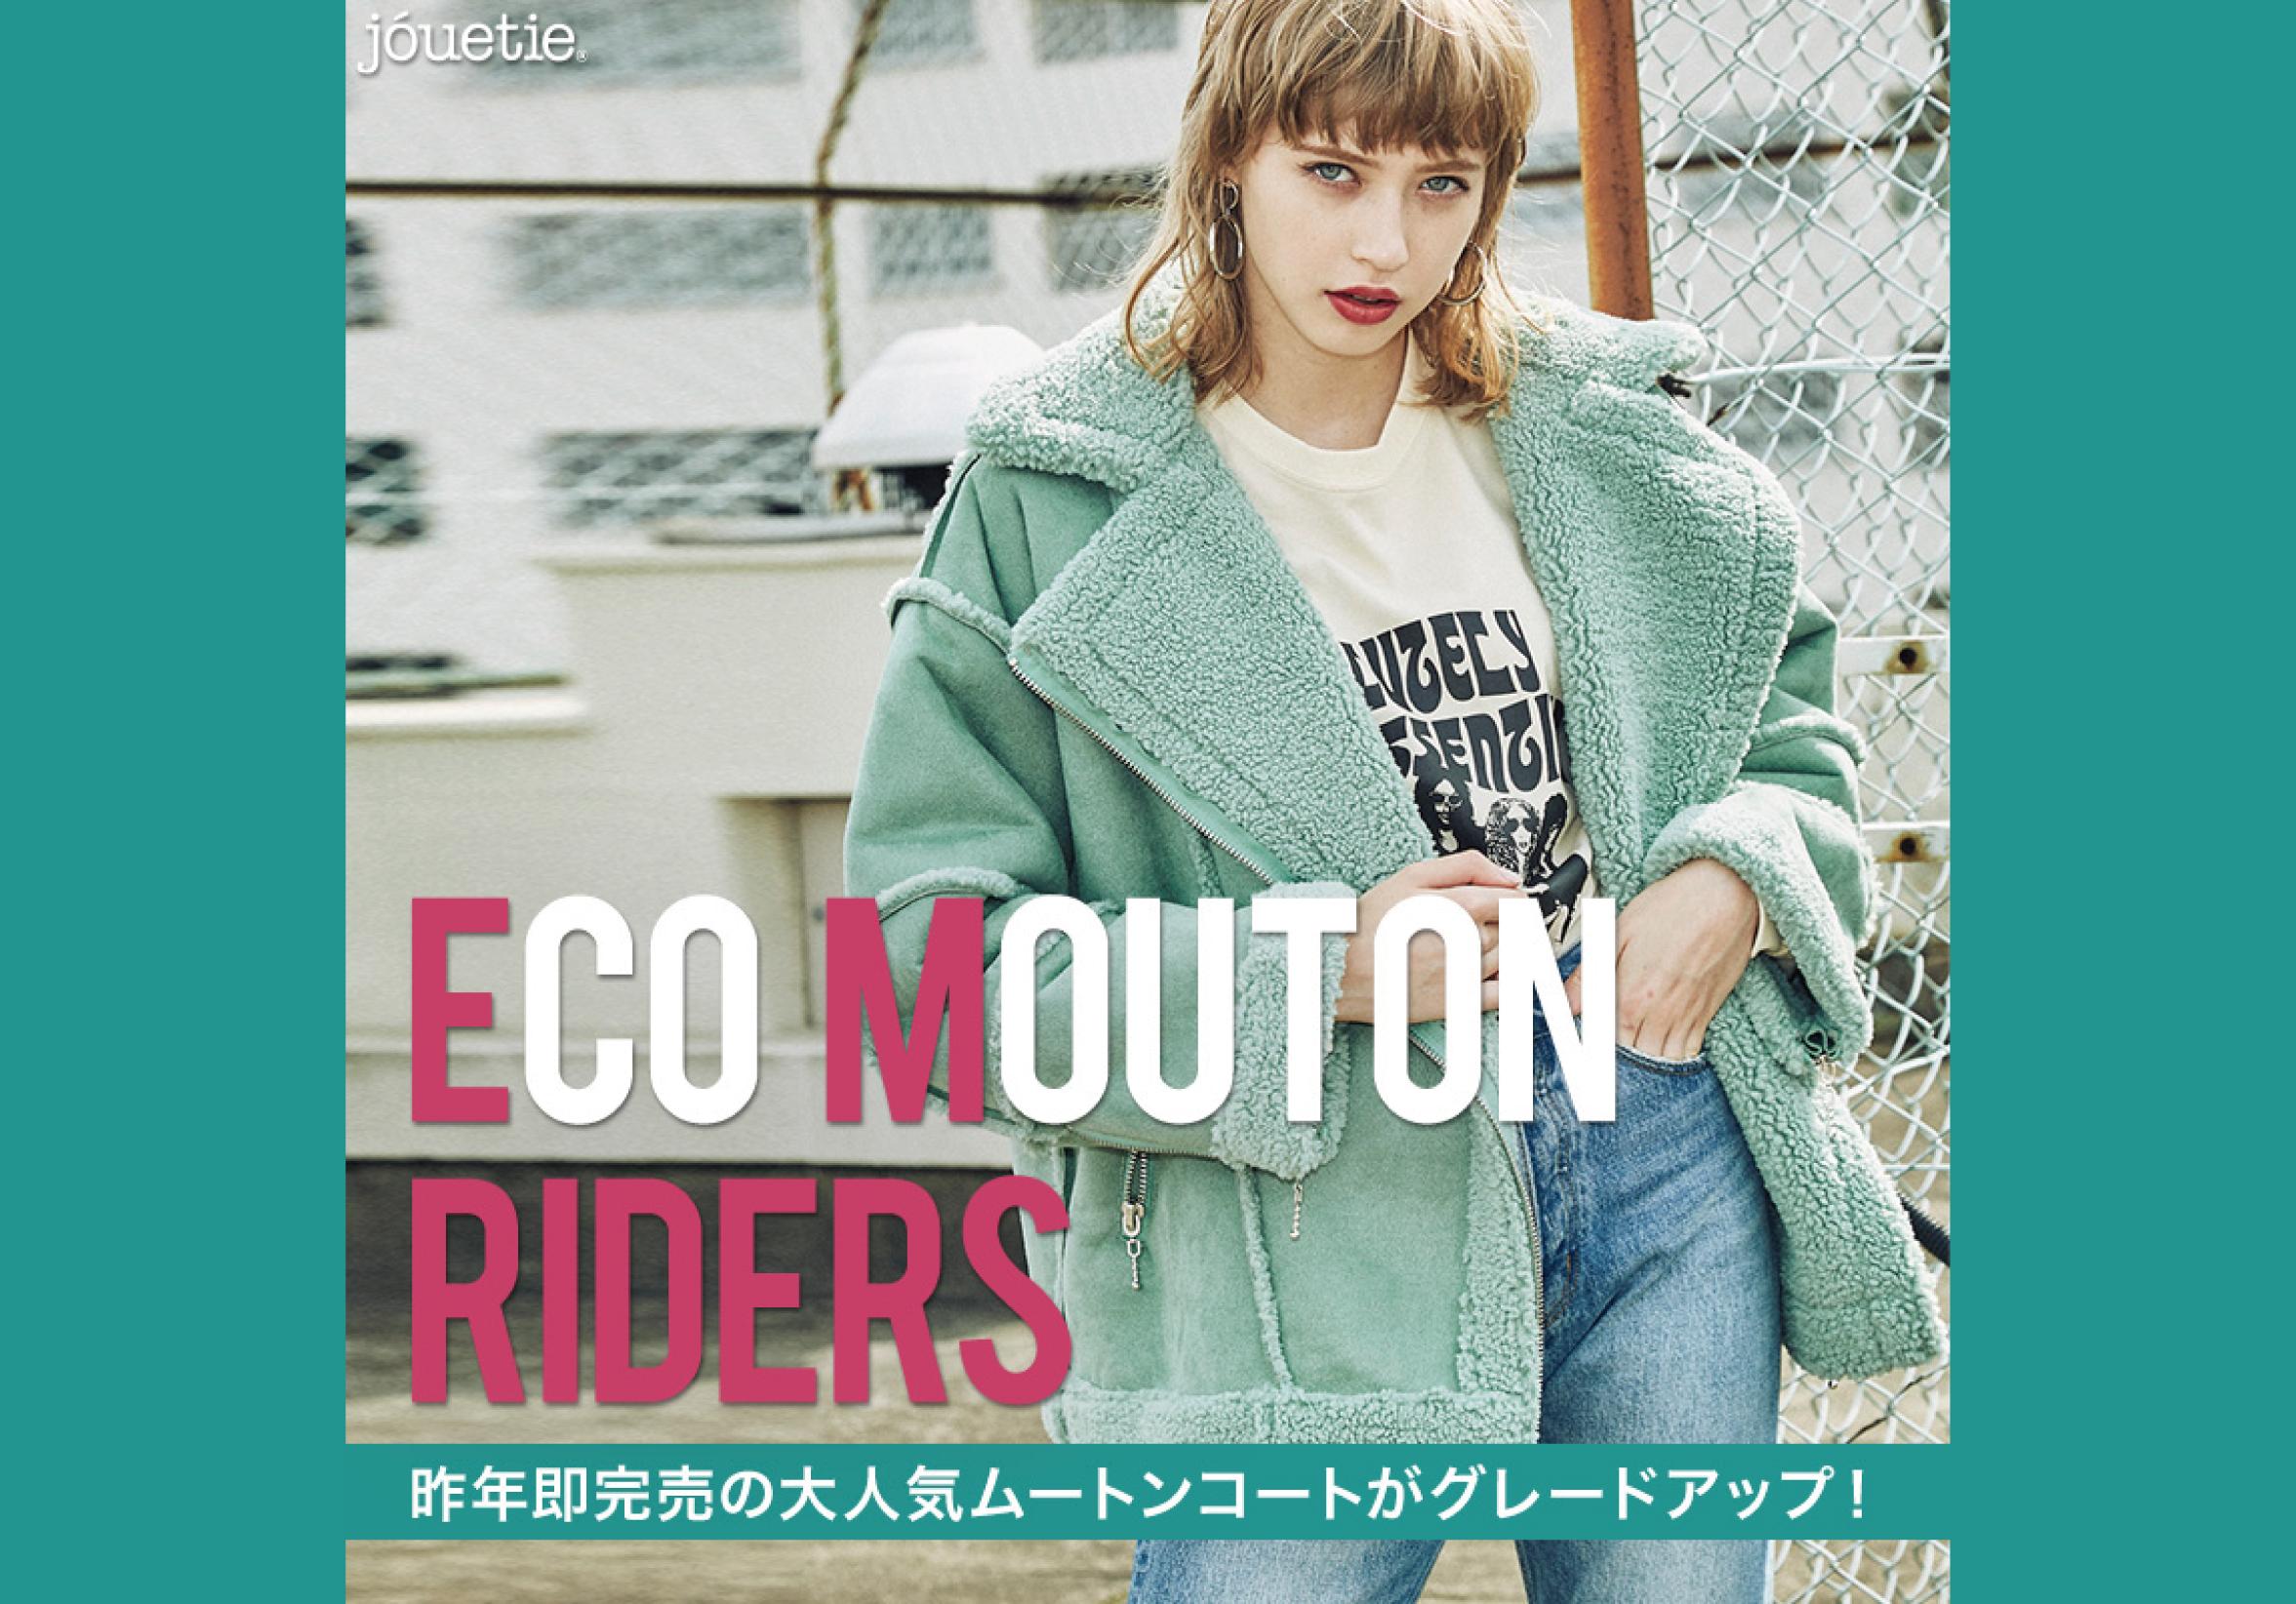 【大人気エコムートンライダースジャケット♡】